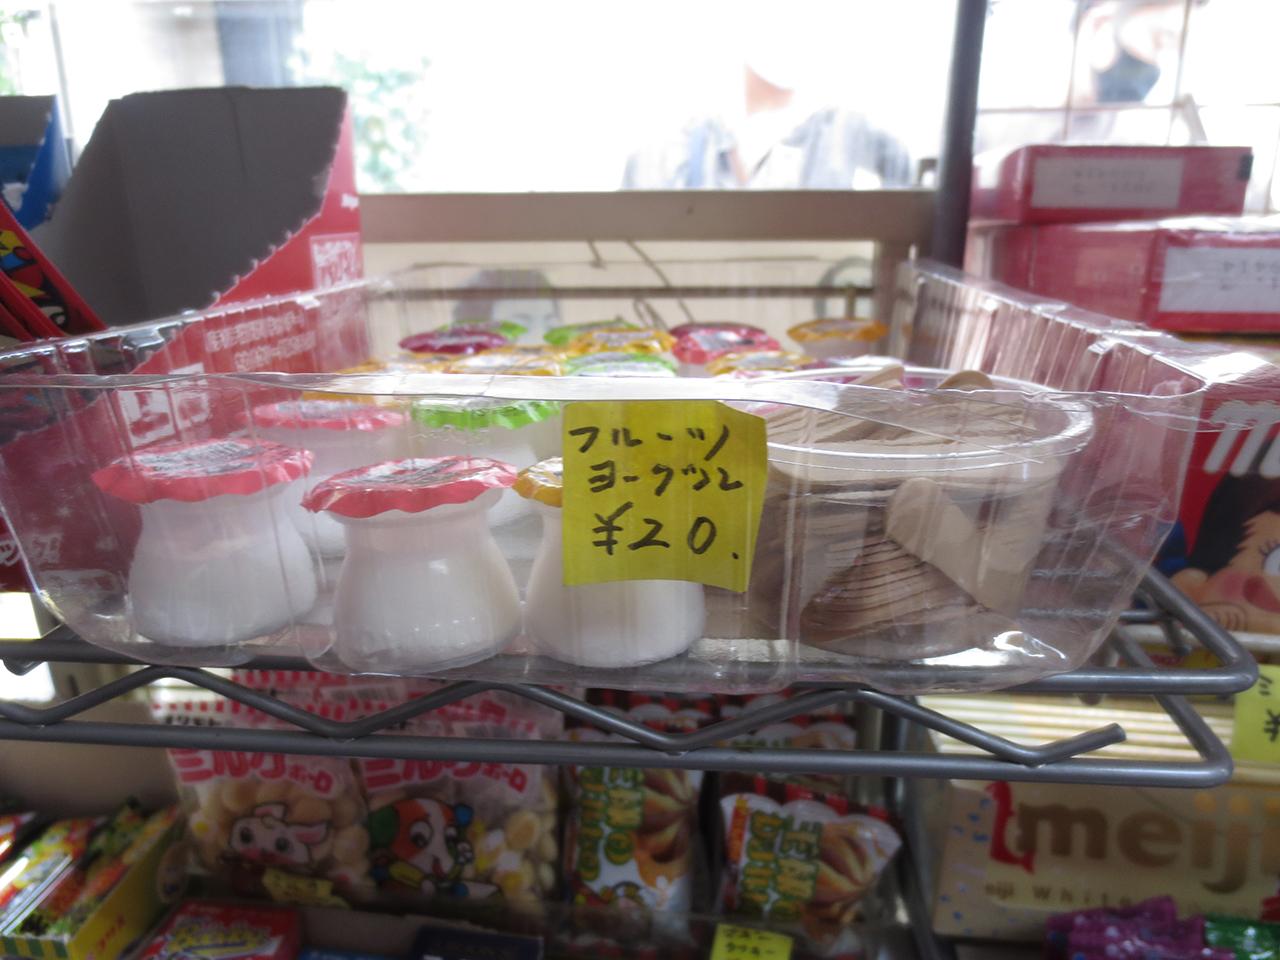 店内に陳列された駄菓子の写真